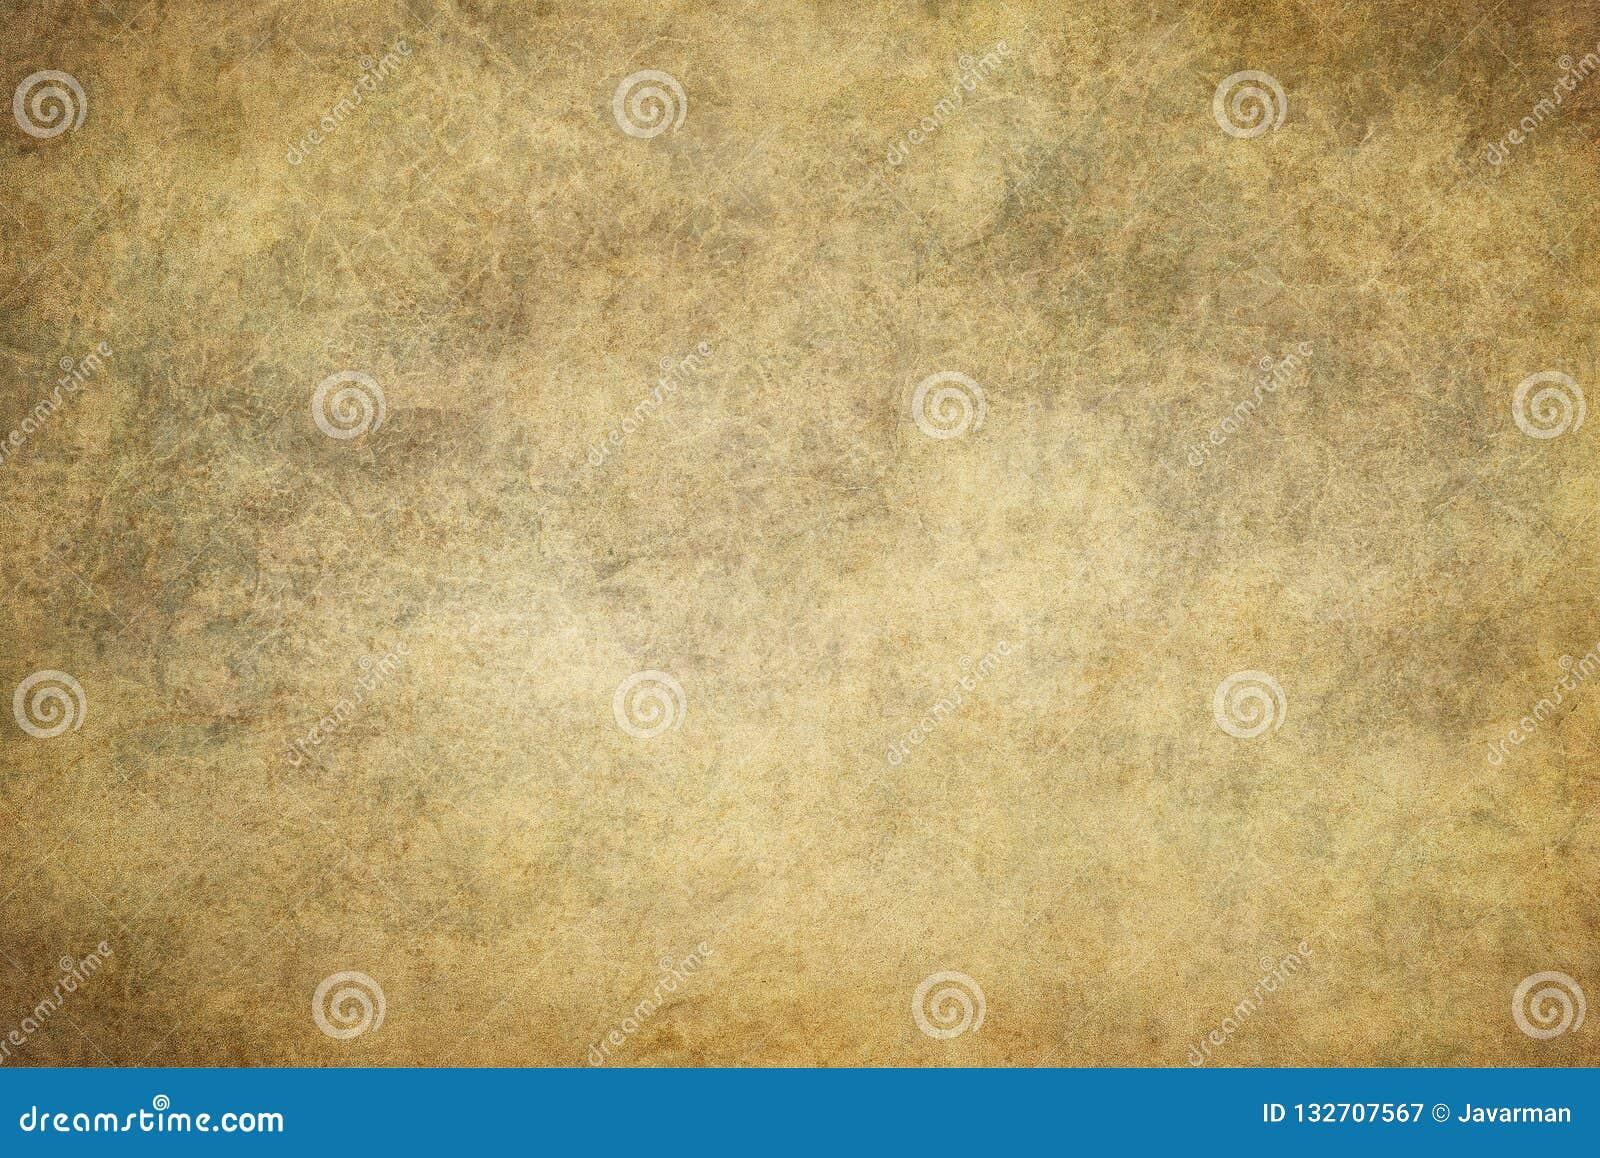 Papier do wiadomości tekstury swoje roczne wysoka rozdzielczość tła crunch